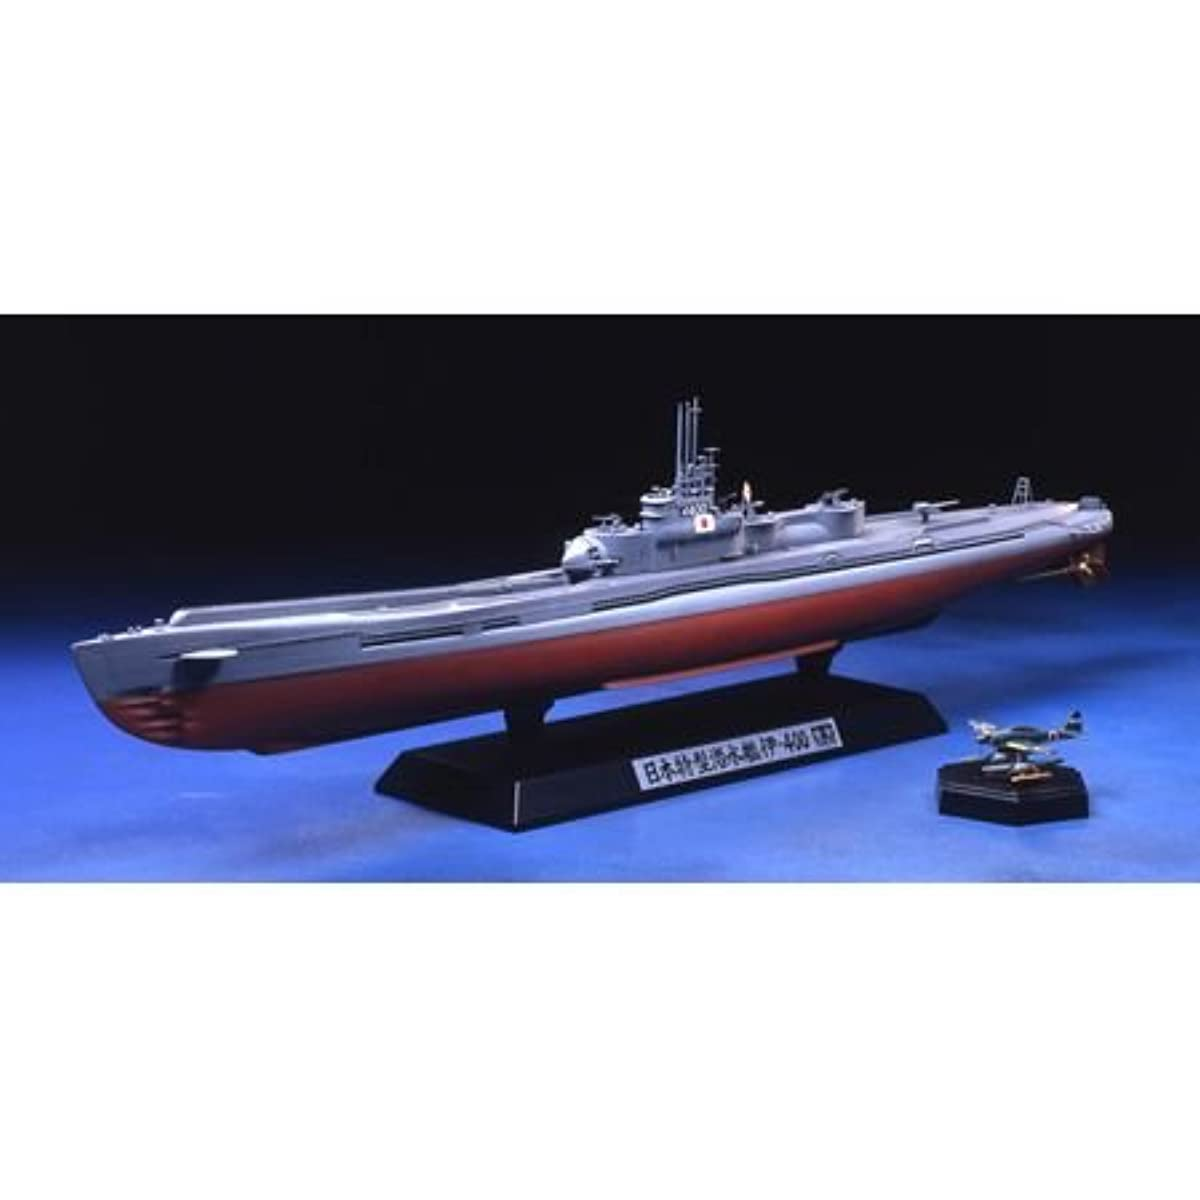 [해외] 퍼터미야 1/350 함선 시리즈 NO.19 일본 해군특 형잠수함 이탈리아-400 프라모델  78019